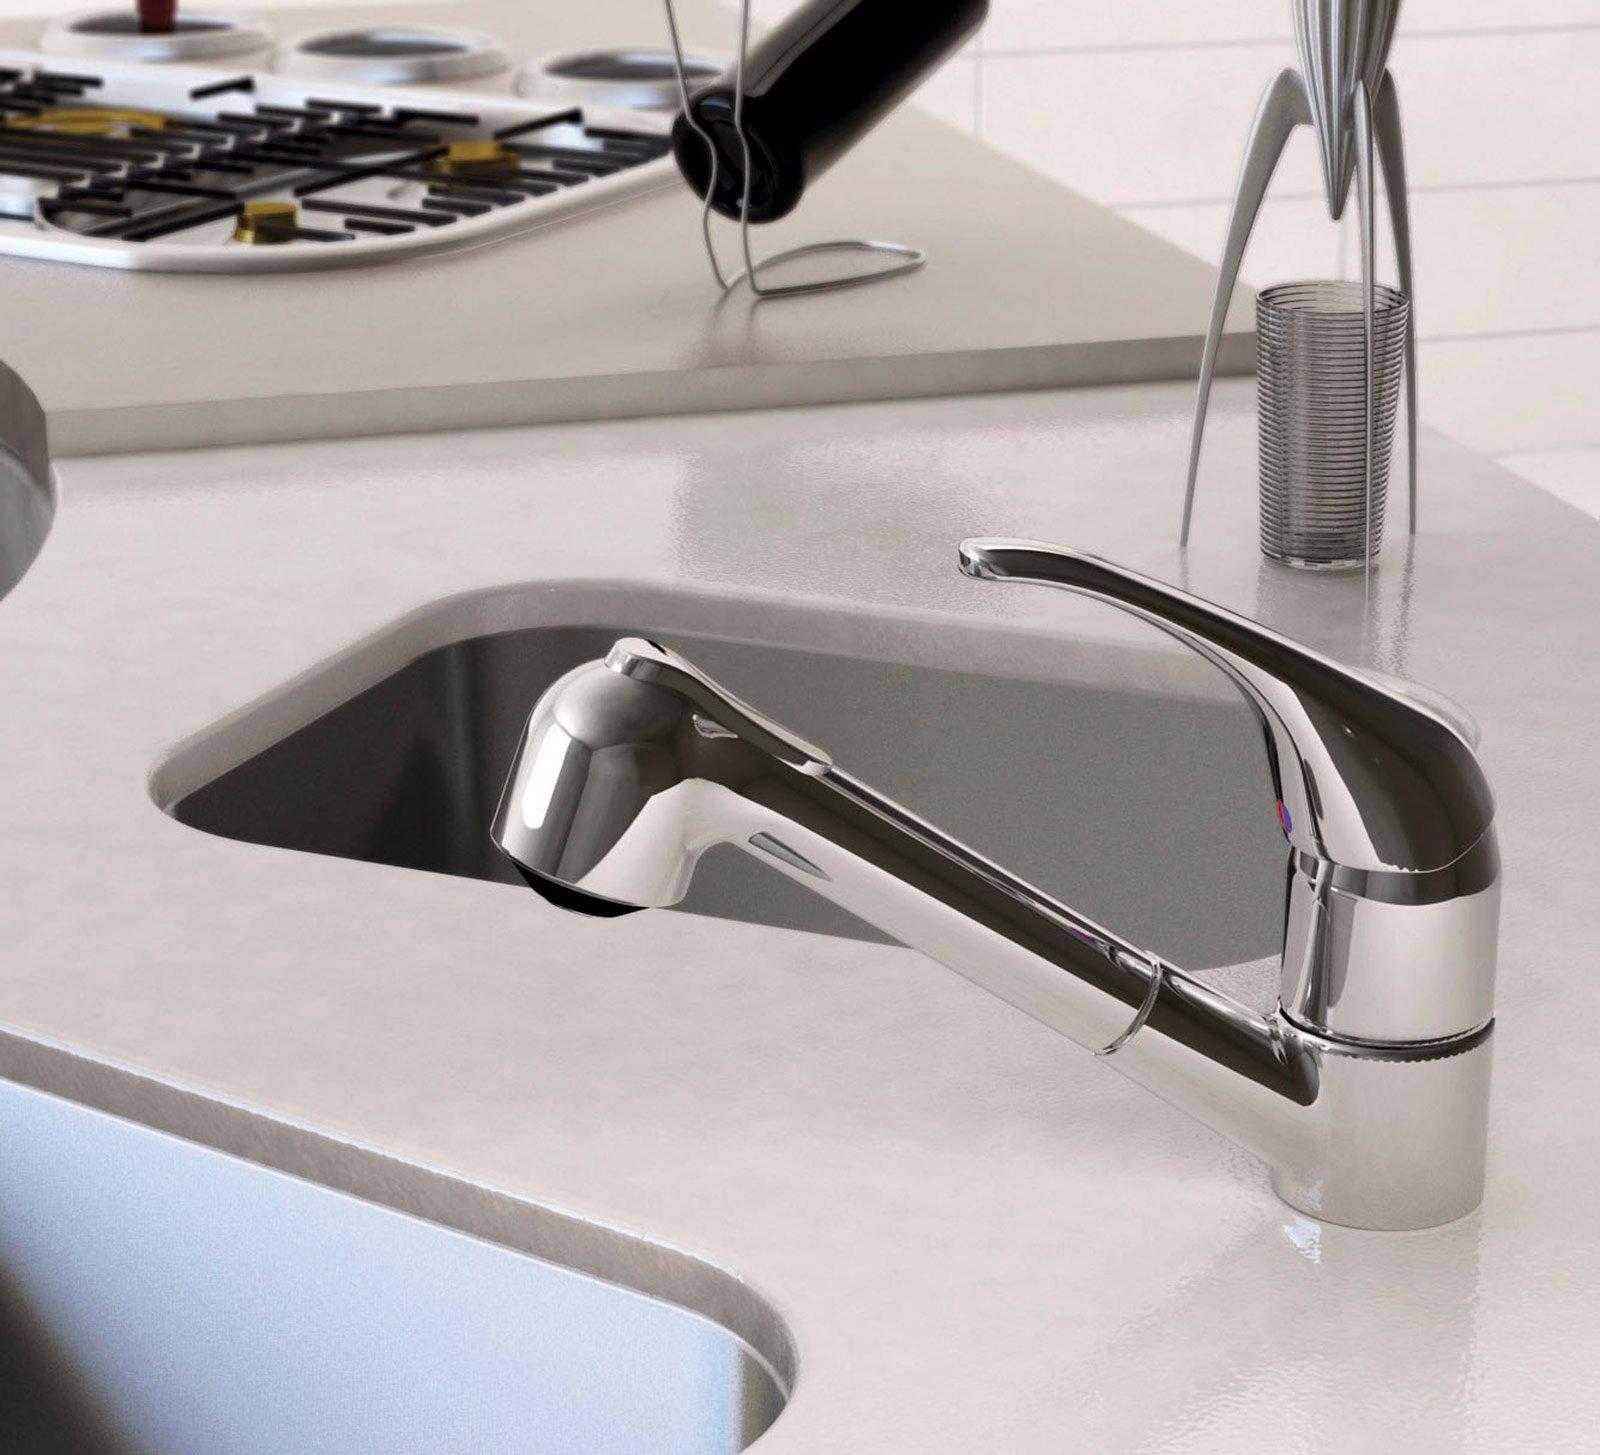 cucina: rubinetti per il lavello - cose di casa - Miscelatori Cucina Prezzi